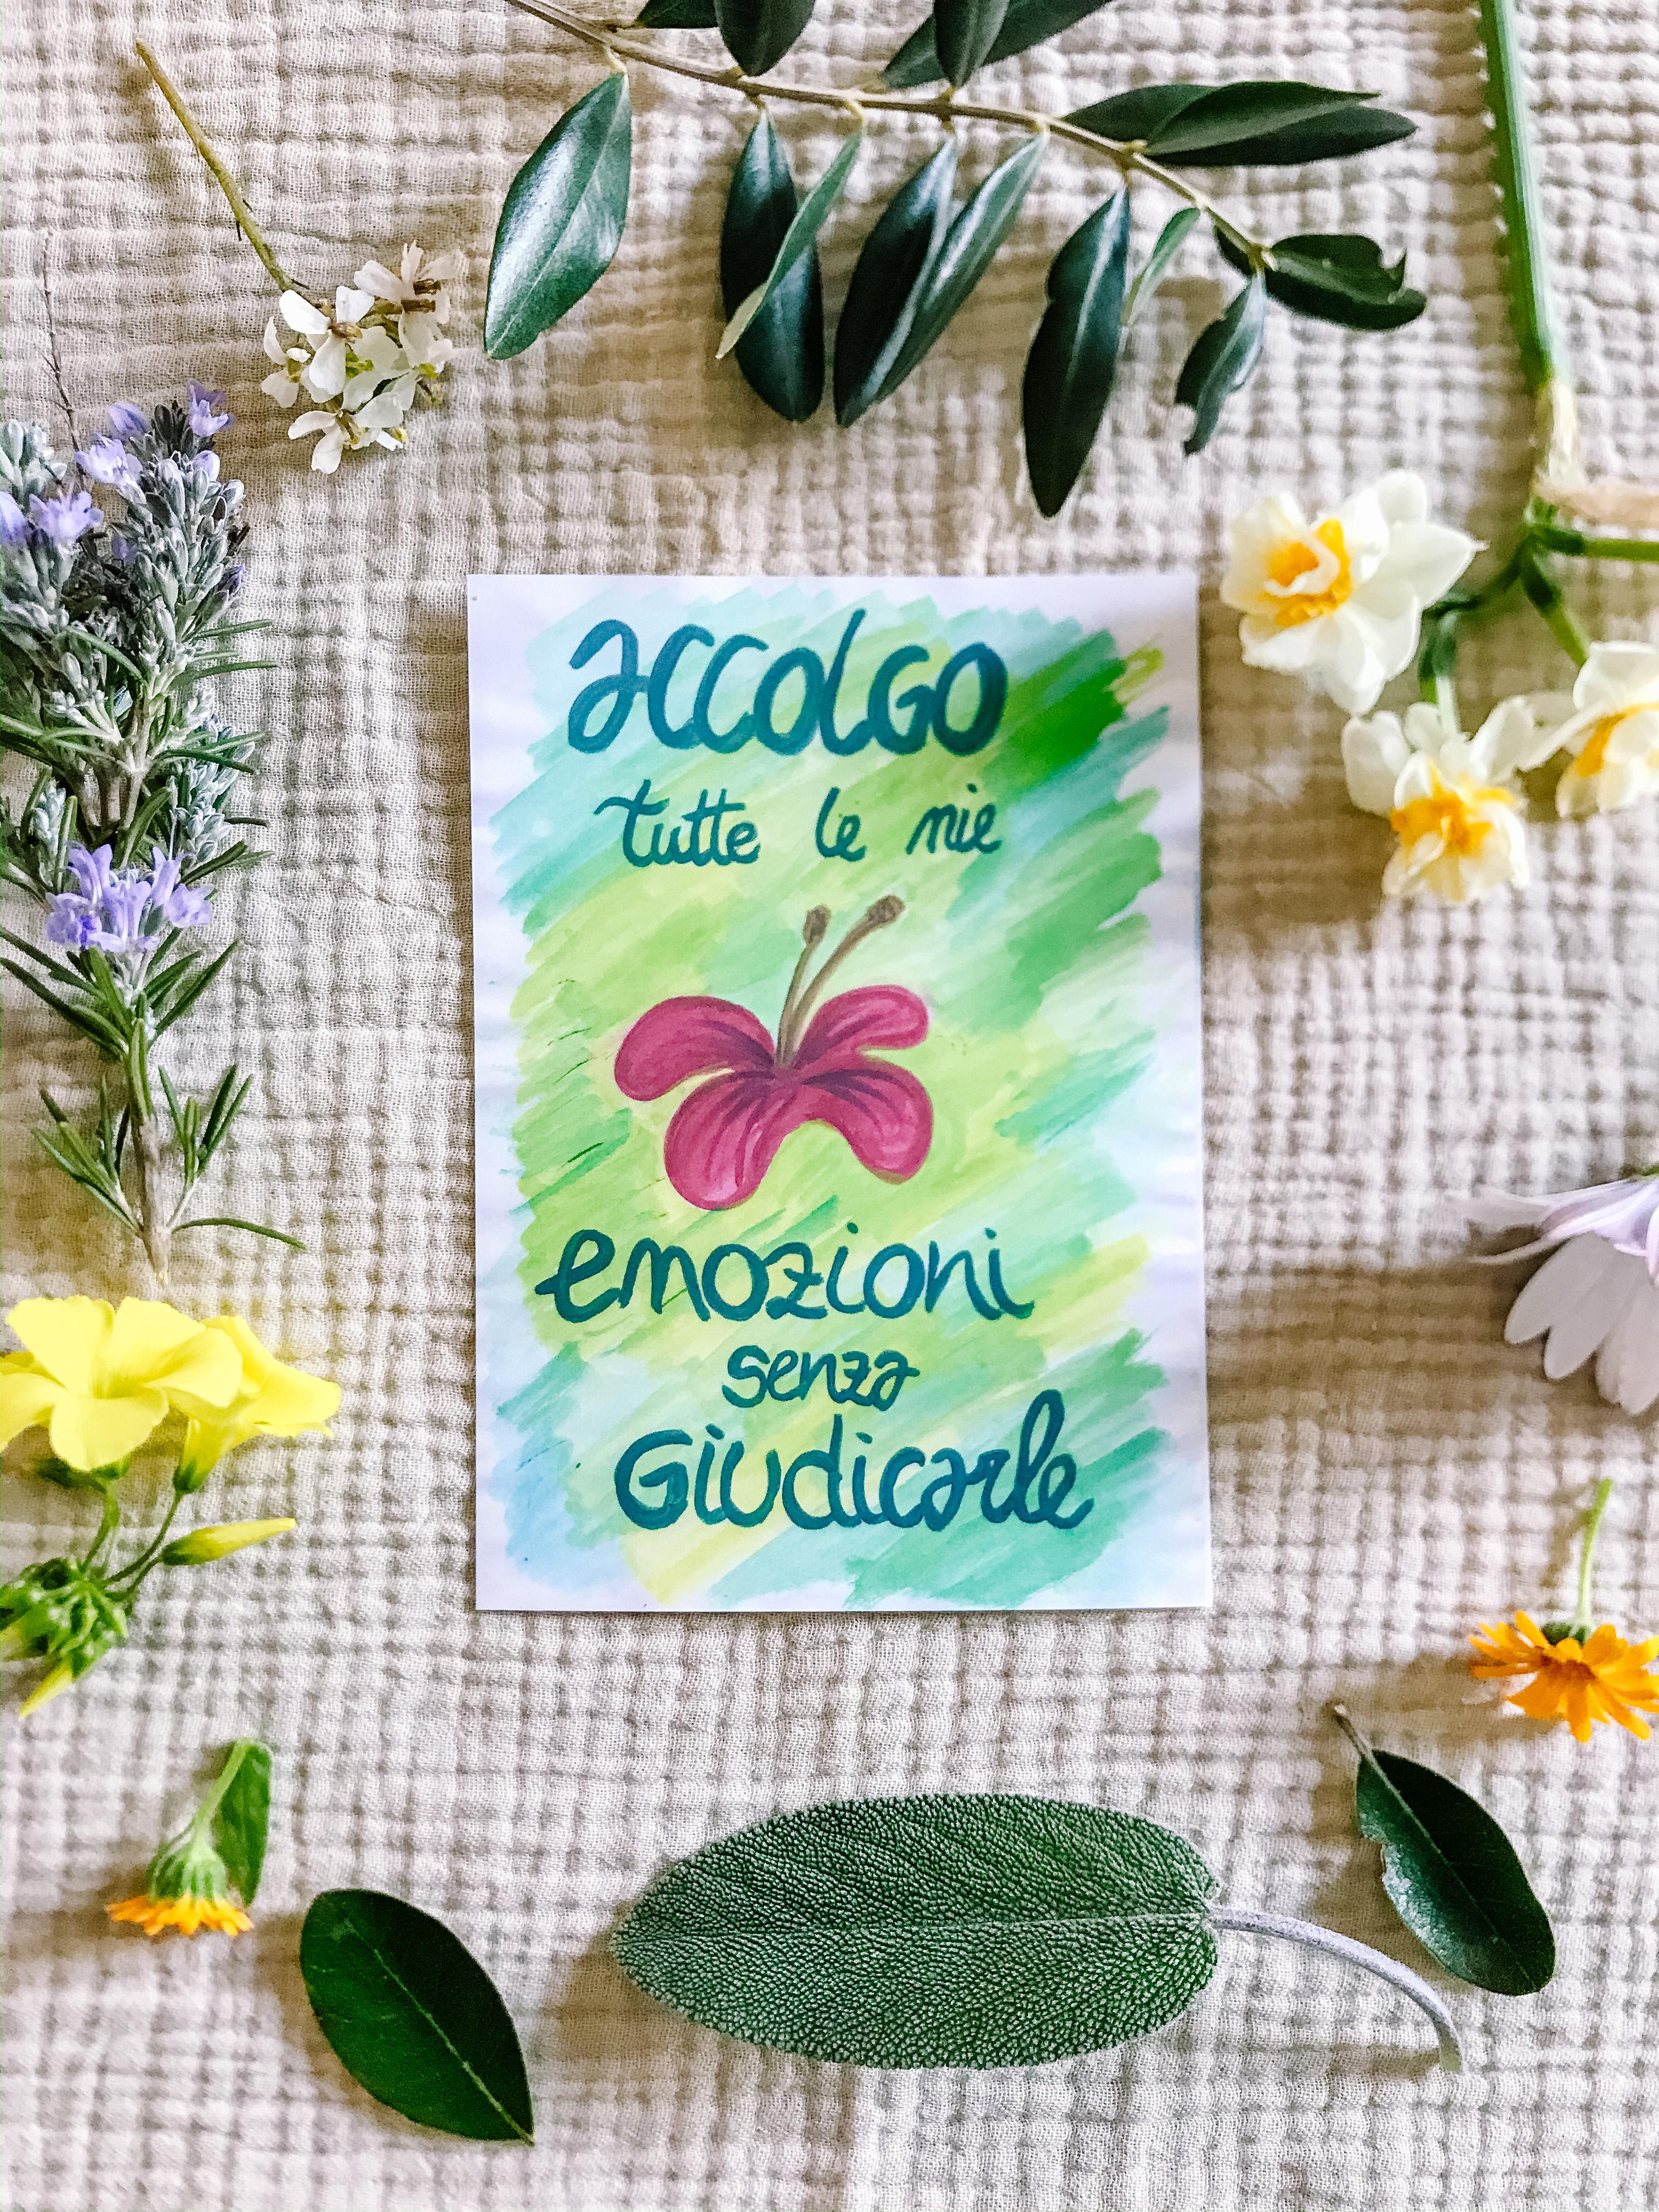 carte, affermazioni, positive, gravidanza, parto, arte, fatte a mano, ecologiche, ecofriendly, mama rainbow, mamarainbowcards, maternità